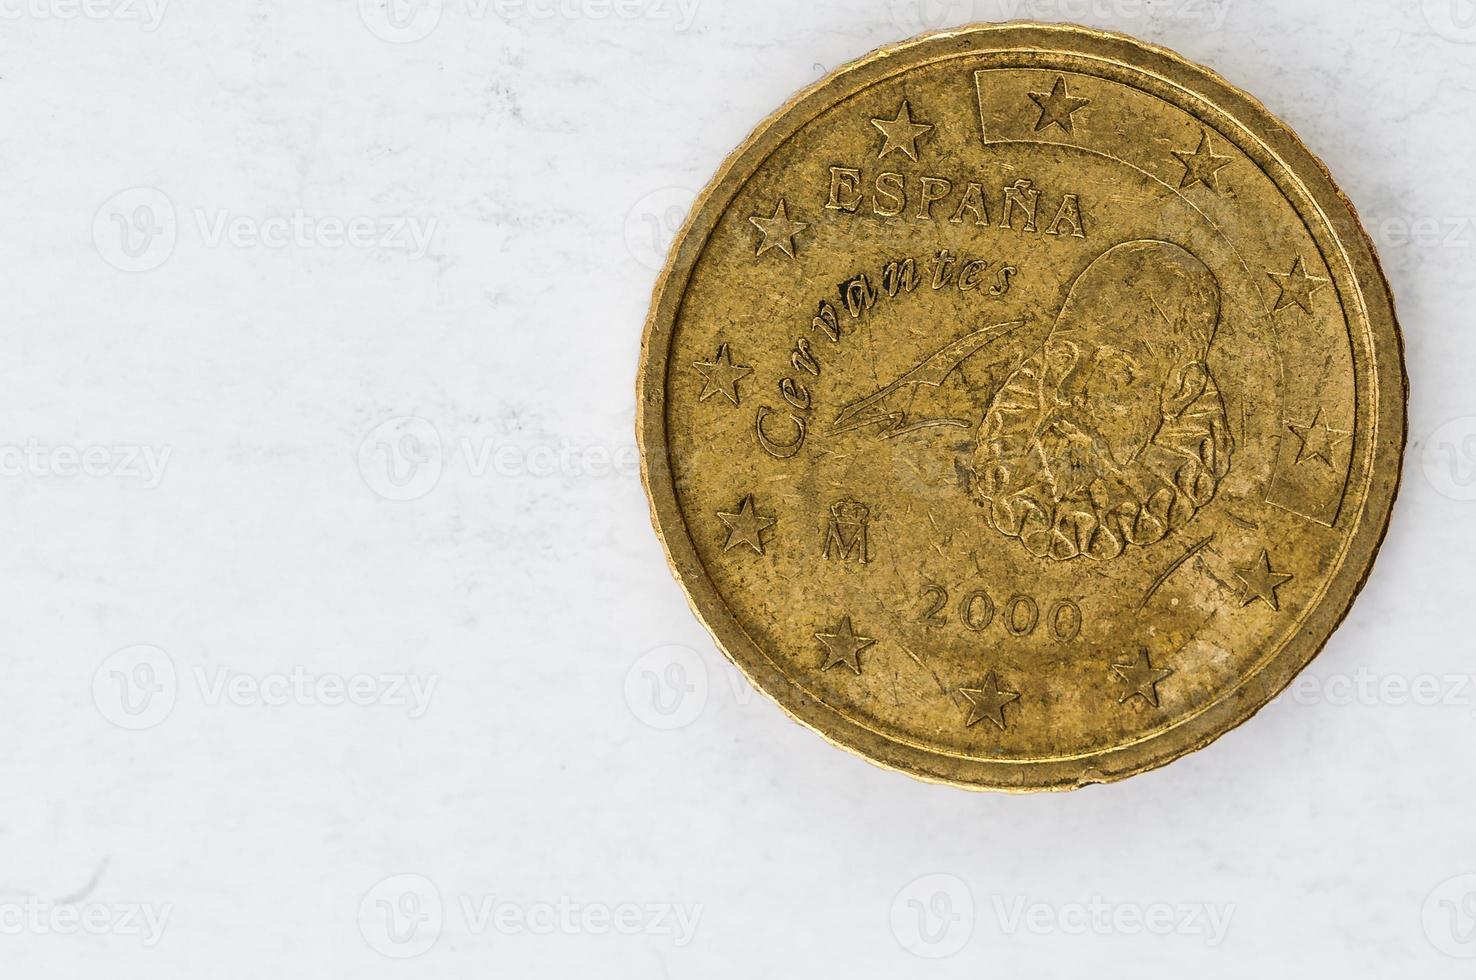 Pièce de 50 centimes d'euro avec dos espania cervantes look usé photo